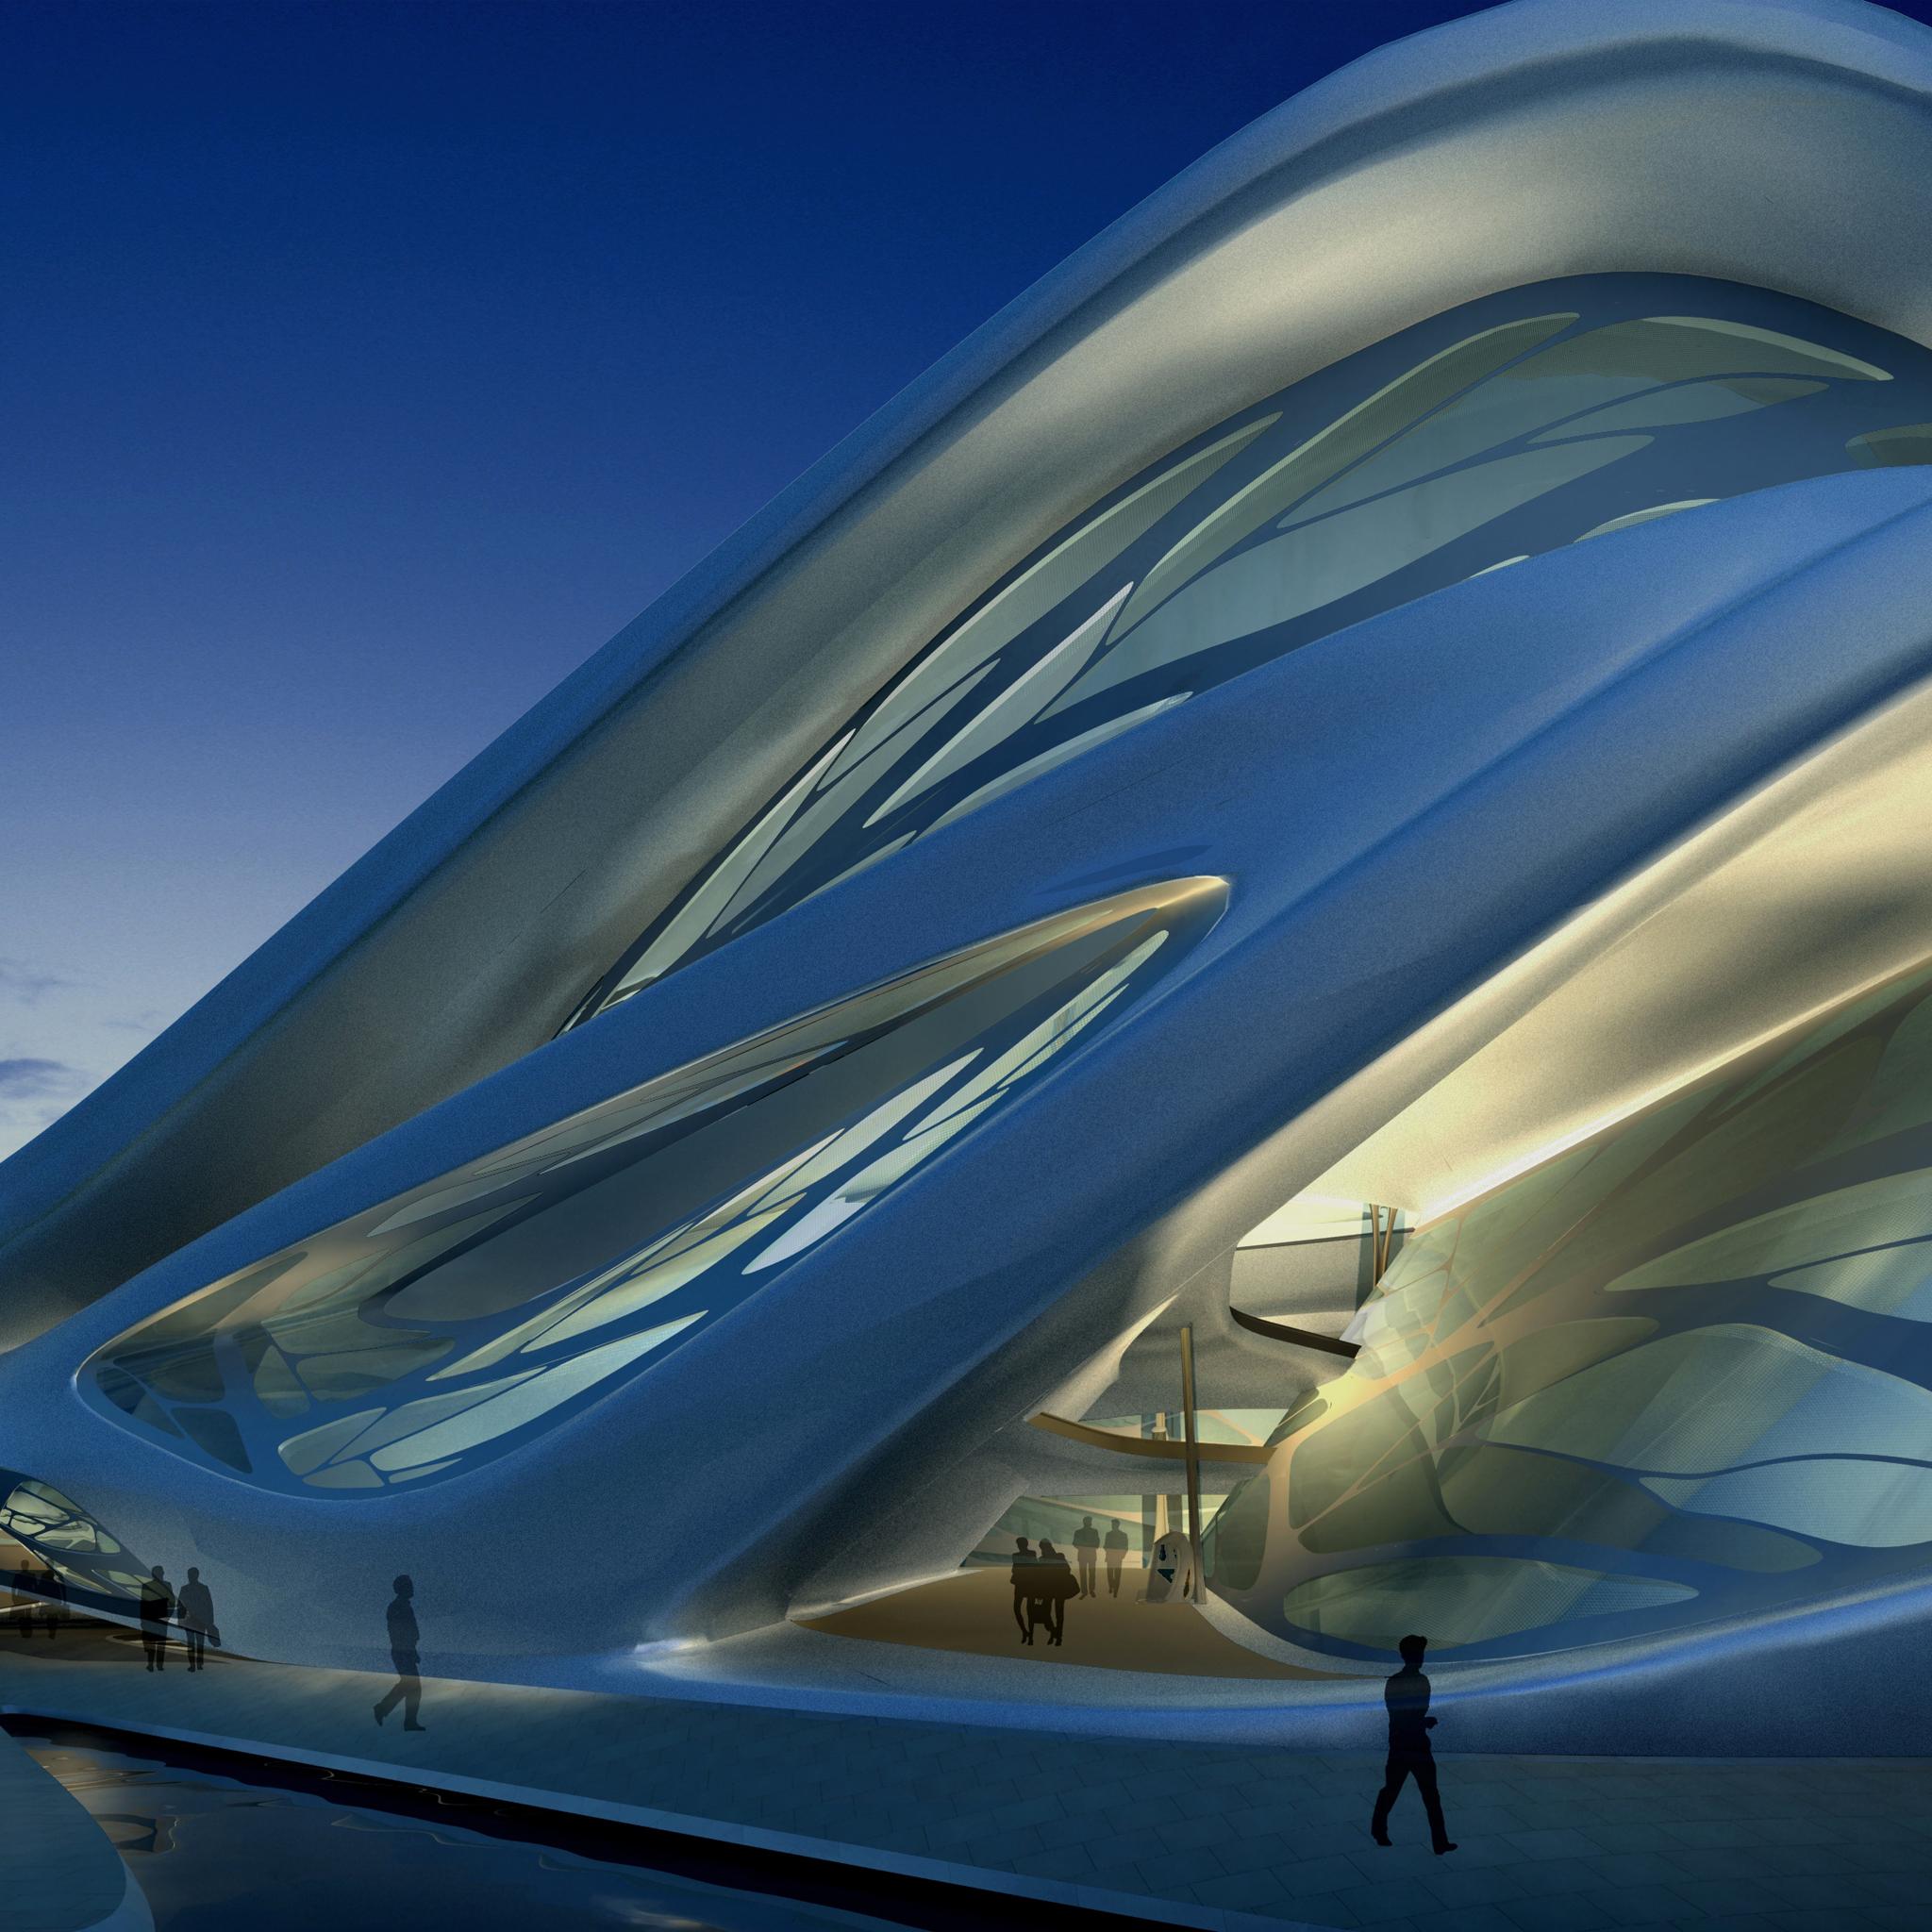 Abu-Dhabi-Arts-Center-3Wallpapers-iPad-Retina